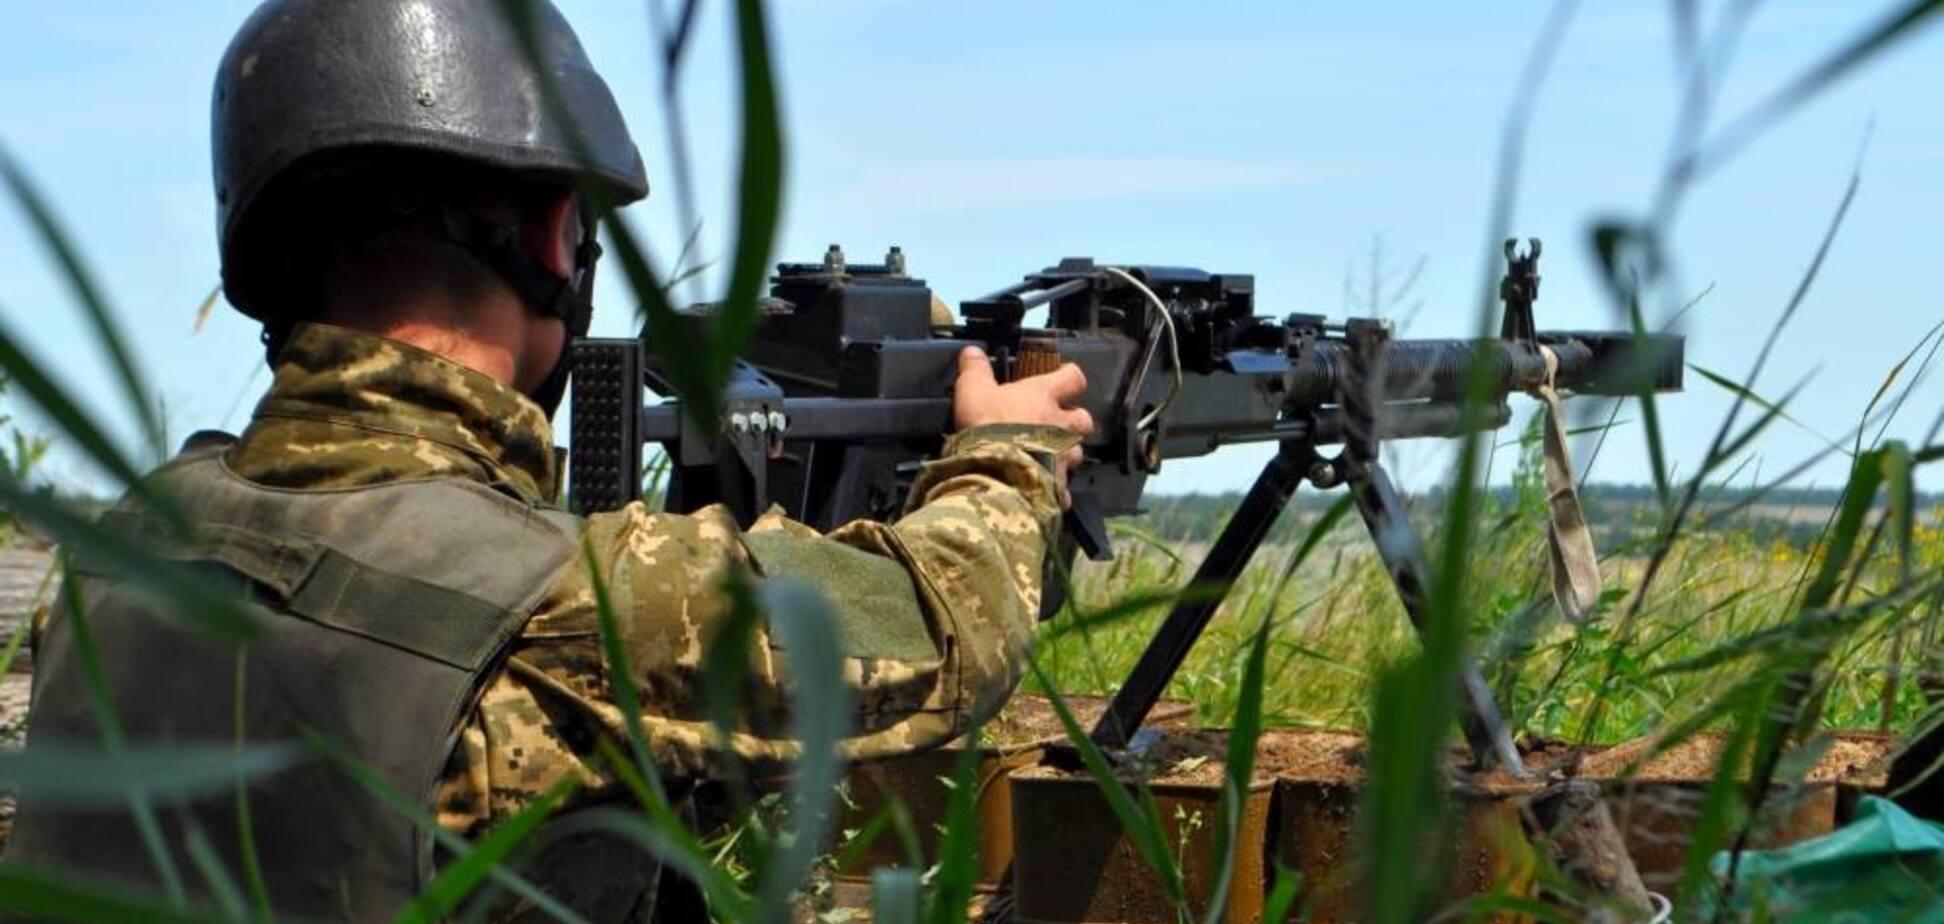 Терористи атакували ЗСУ на Донбасі: ОС дали відповідь